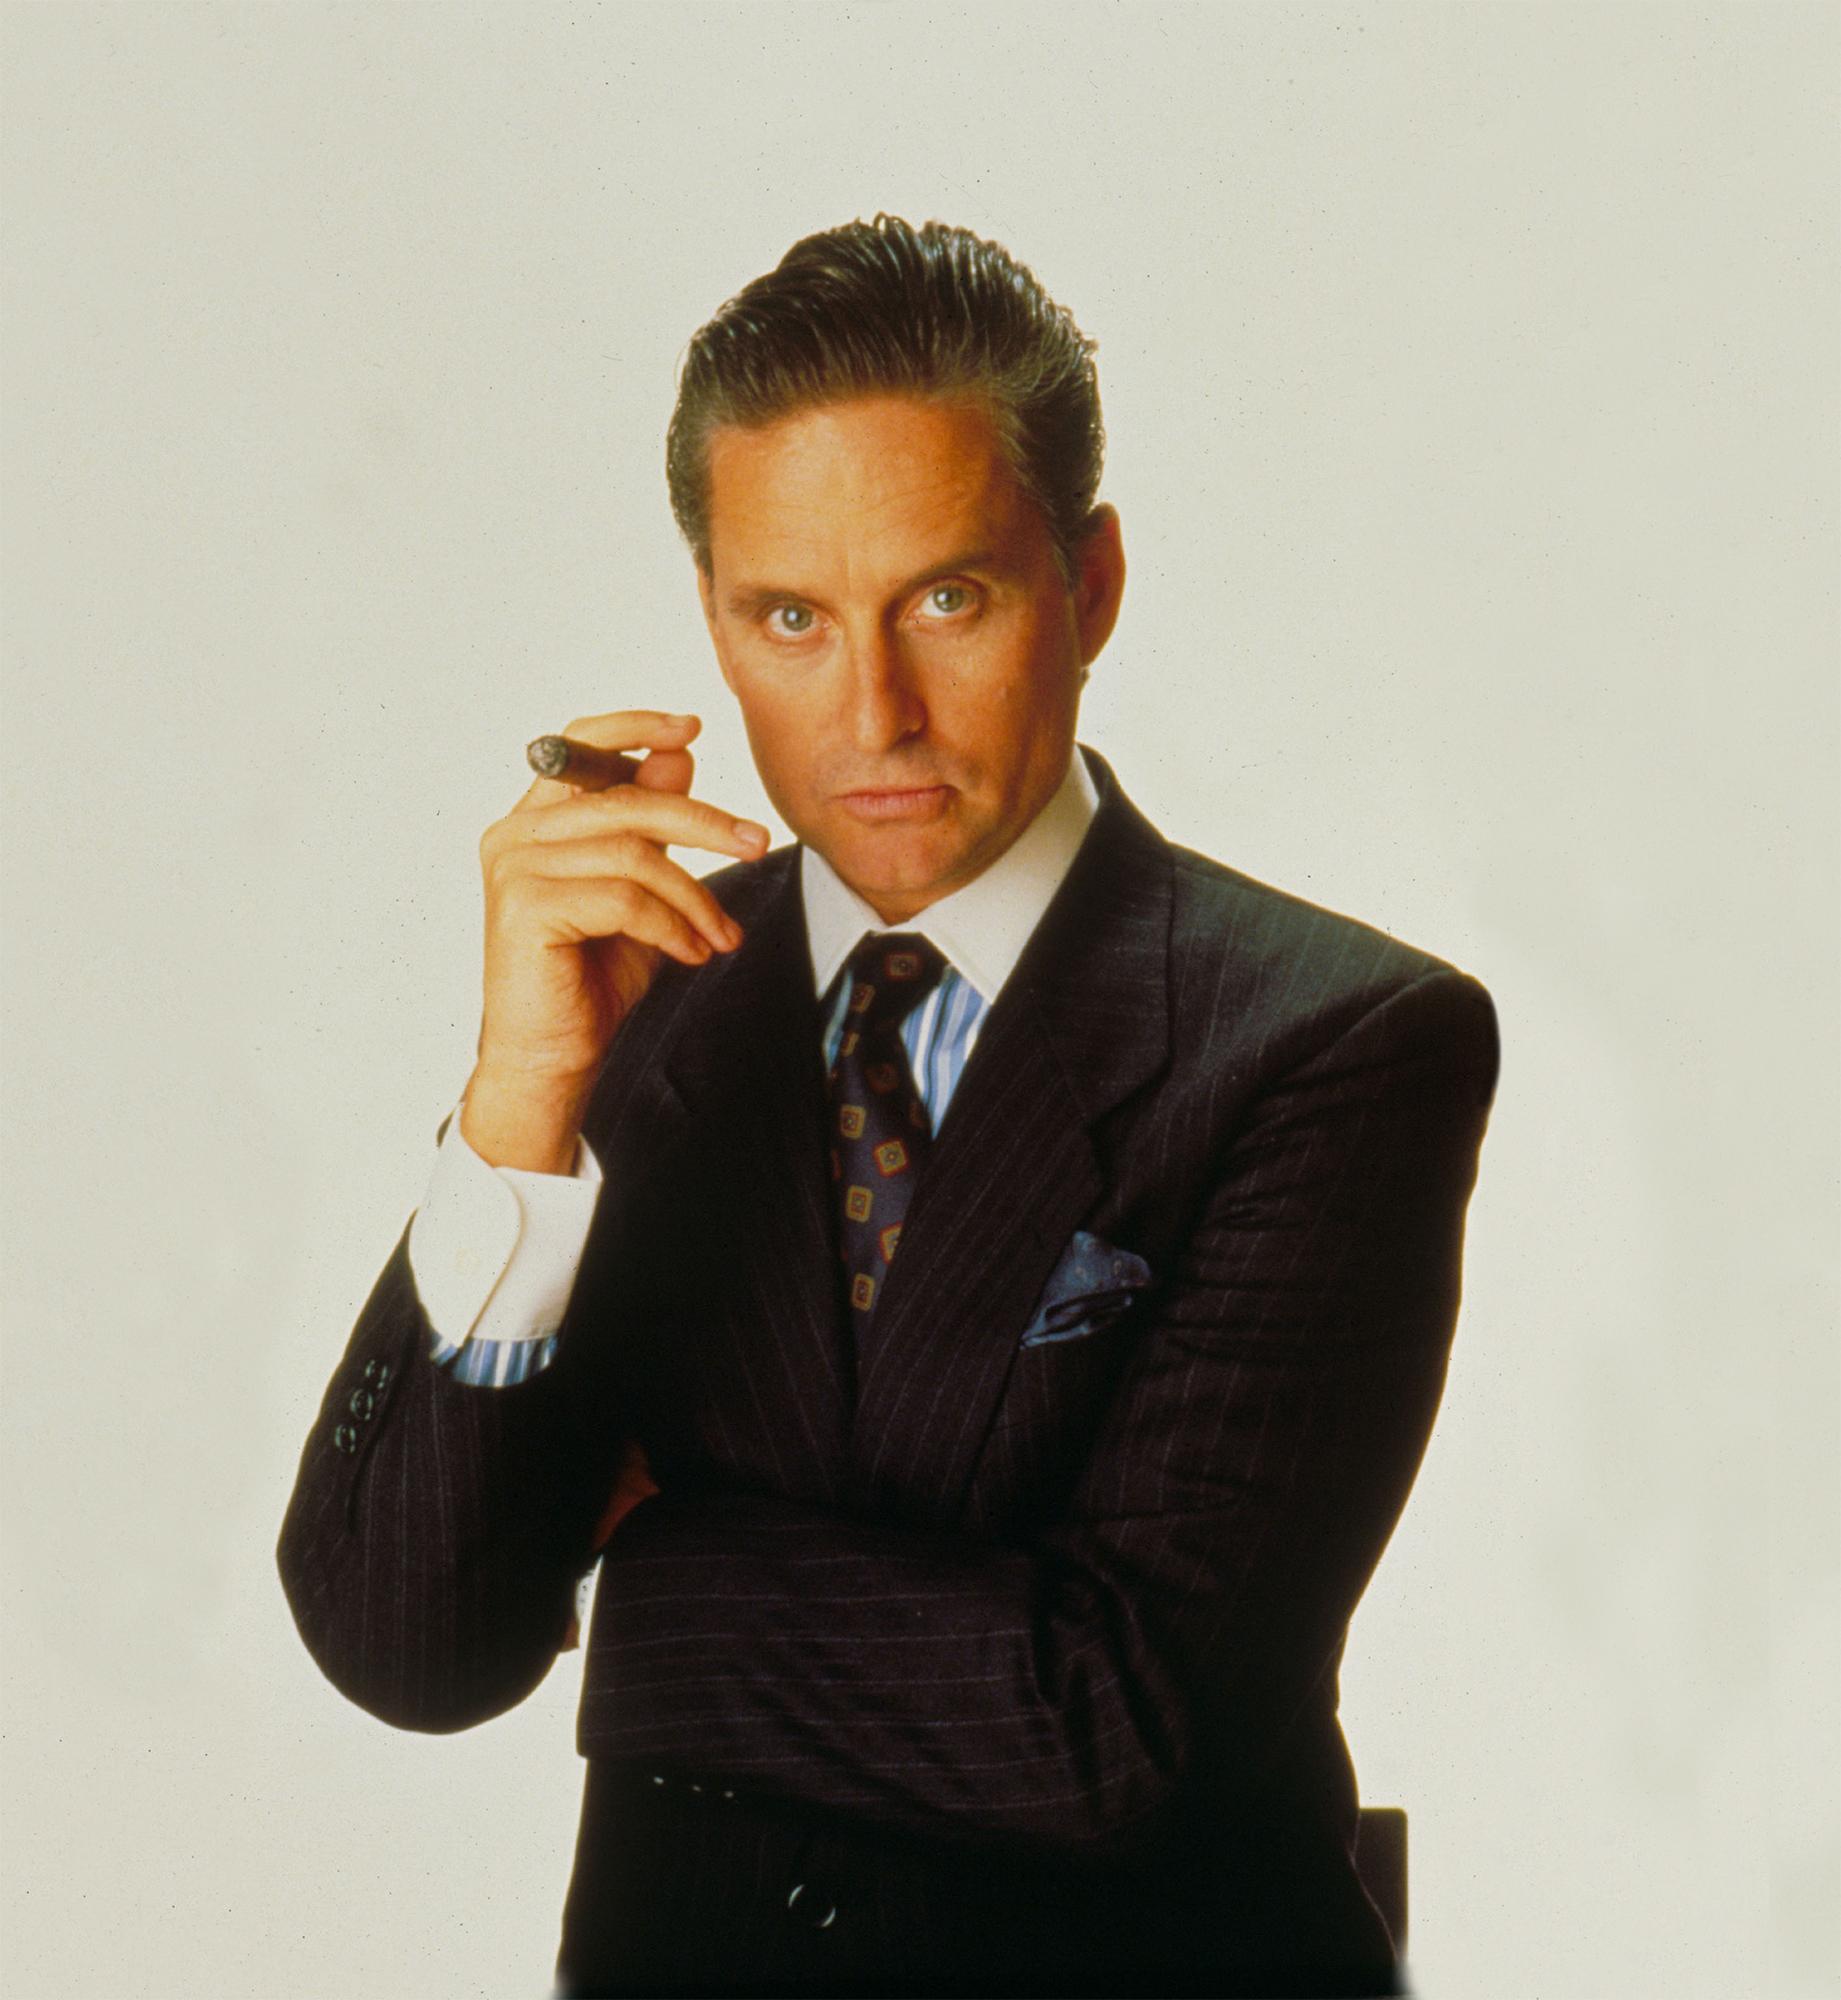 Michael Douglas as Gordon Gekko in Wall Street. Photo by Moviestore/REX/Shutterstock